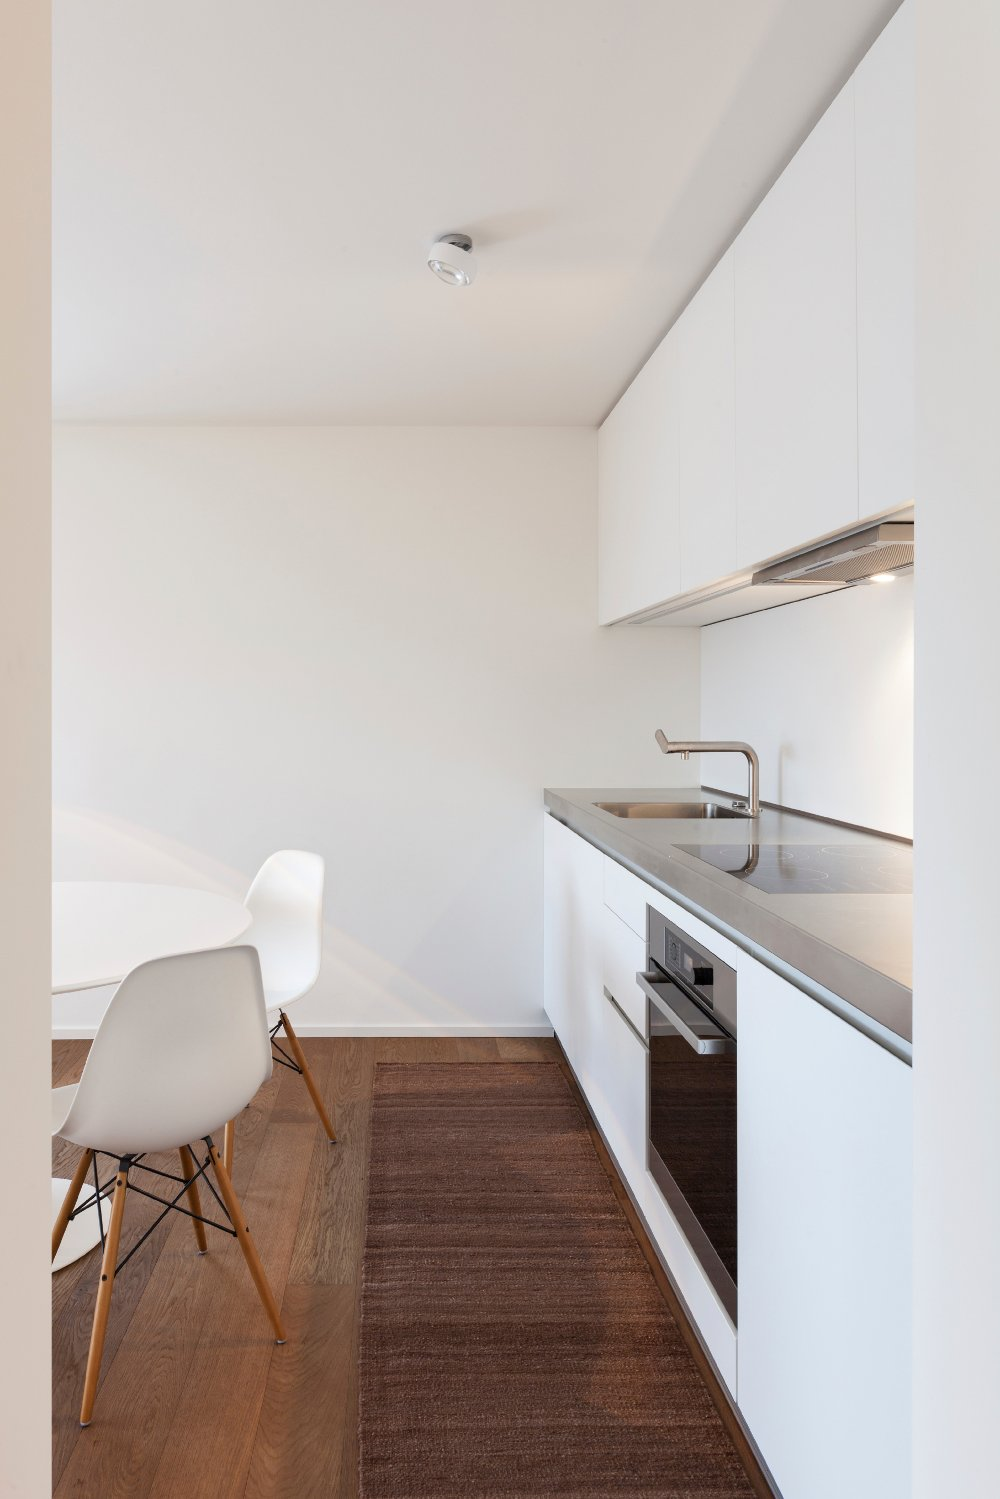 Semplici consigli per illuminare una stanza buia - Illuminazione cucina consigli ...